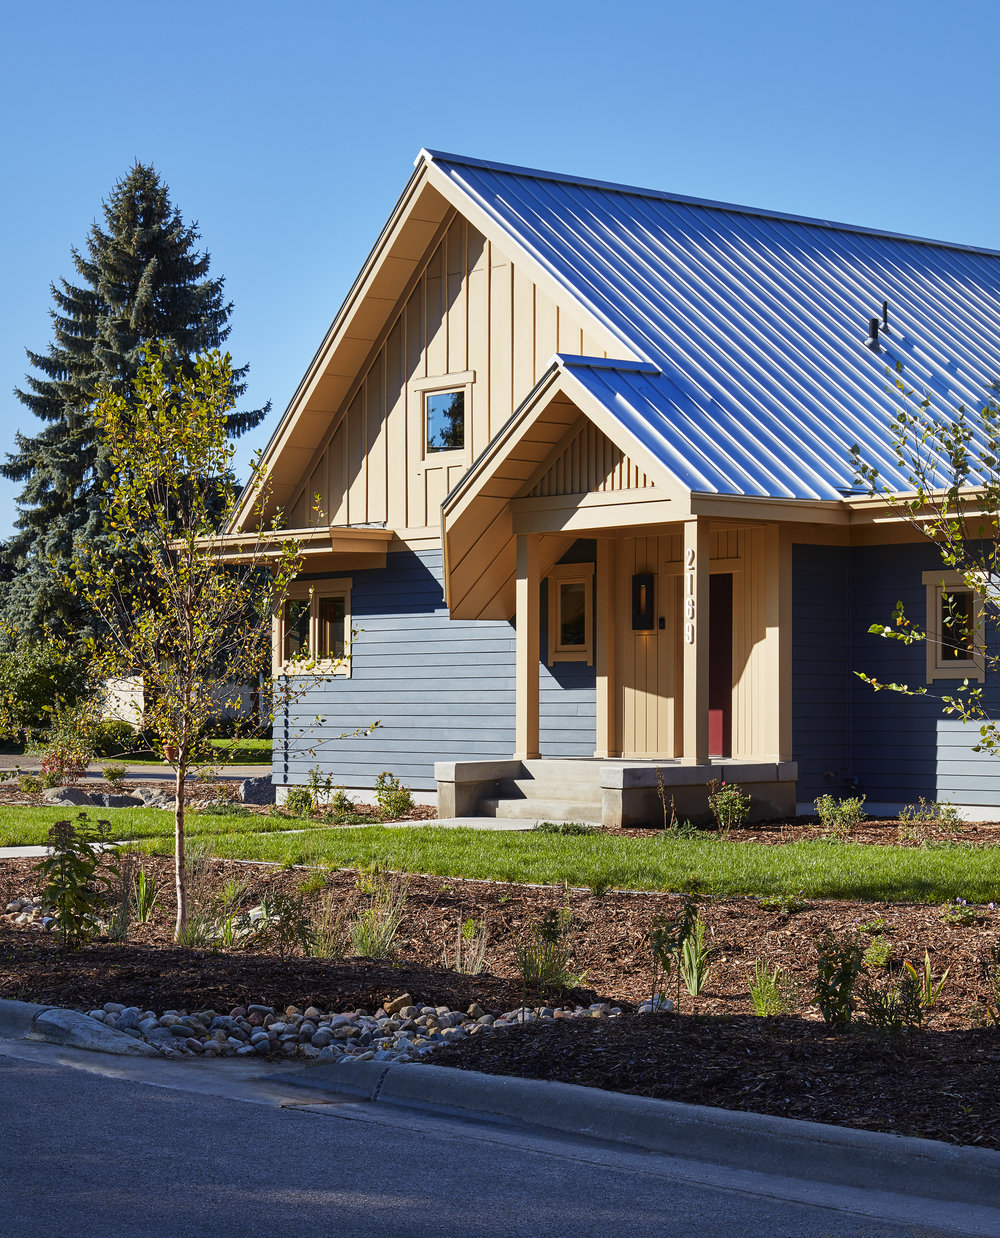 Ohm Sweet Ohm - SALA Architects